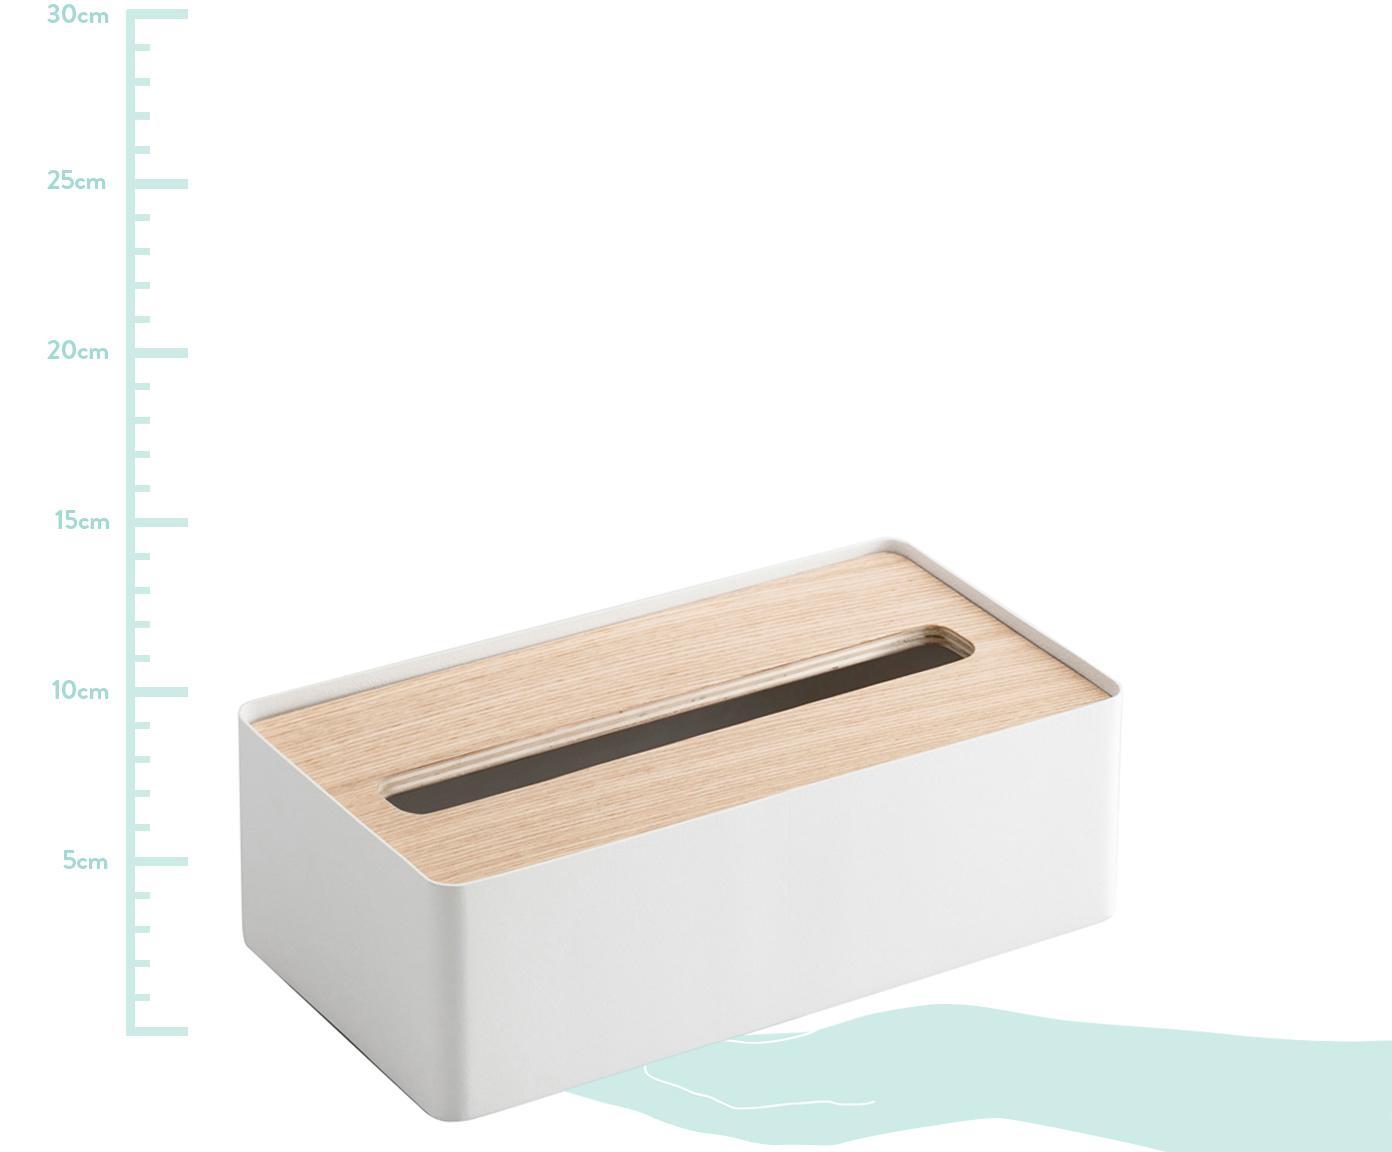 Tissuebox Rin, Deksel: hout, Doos: gelakt staal, Wit, bruin, 26 x 8 cm